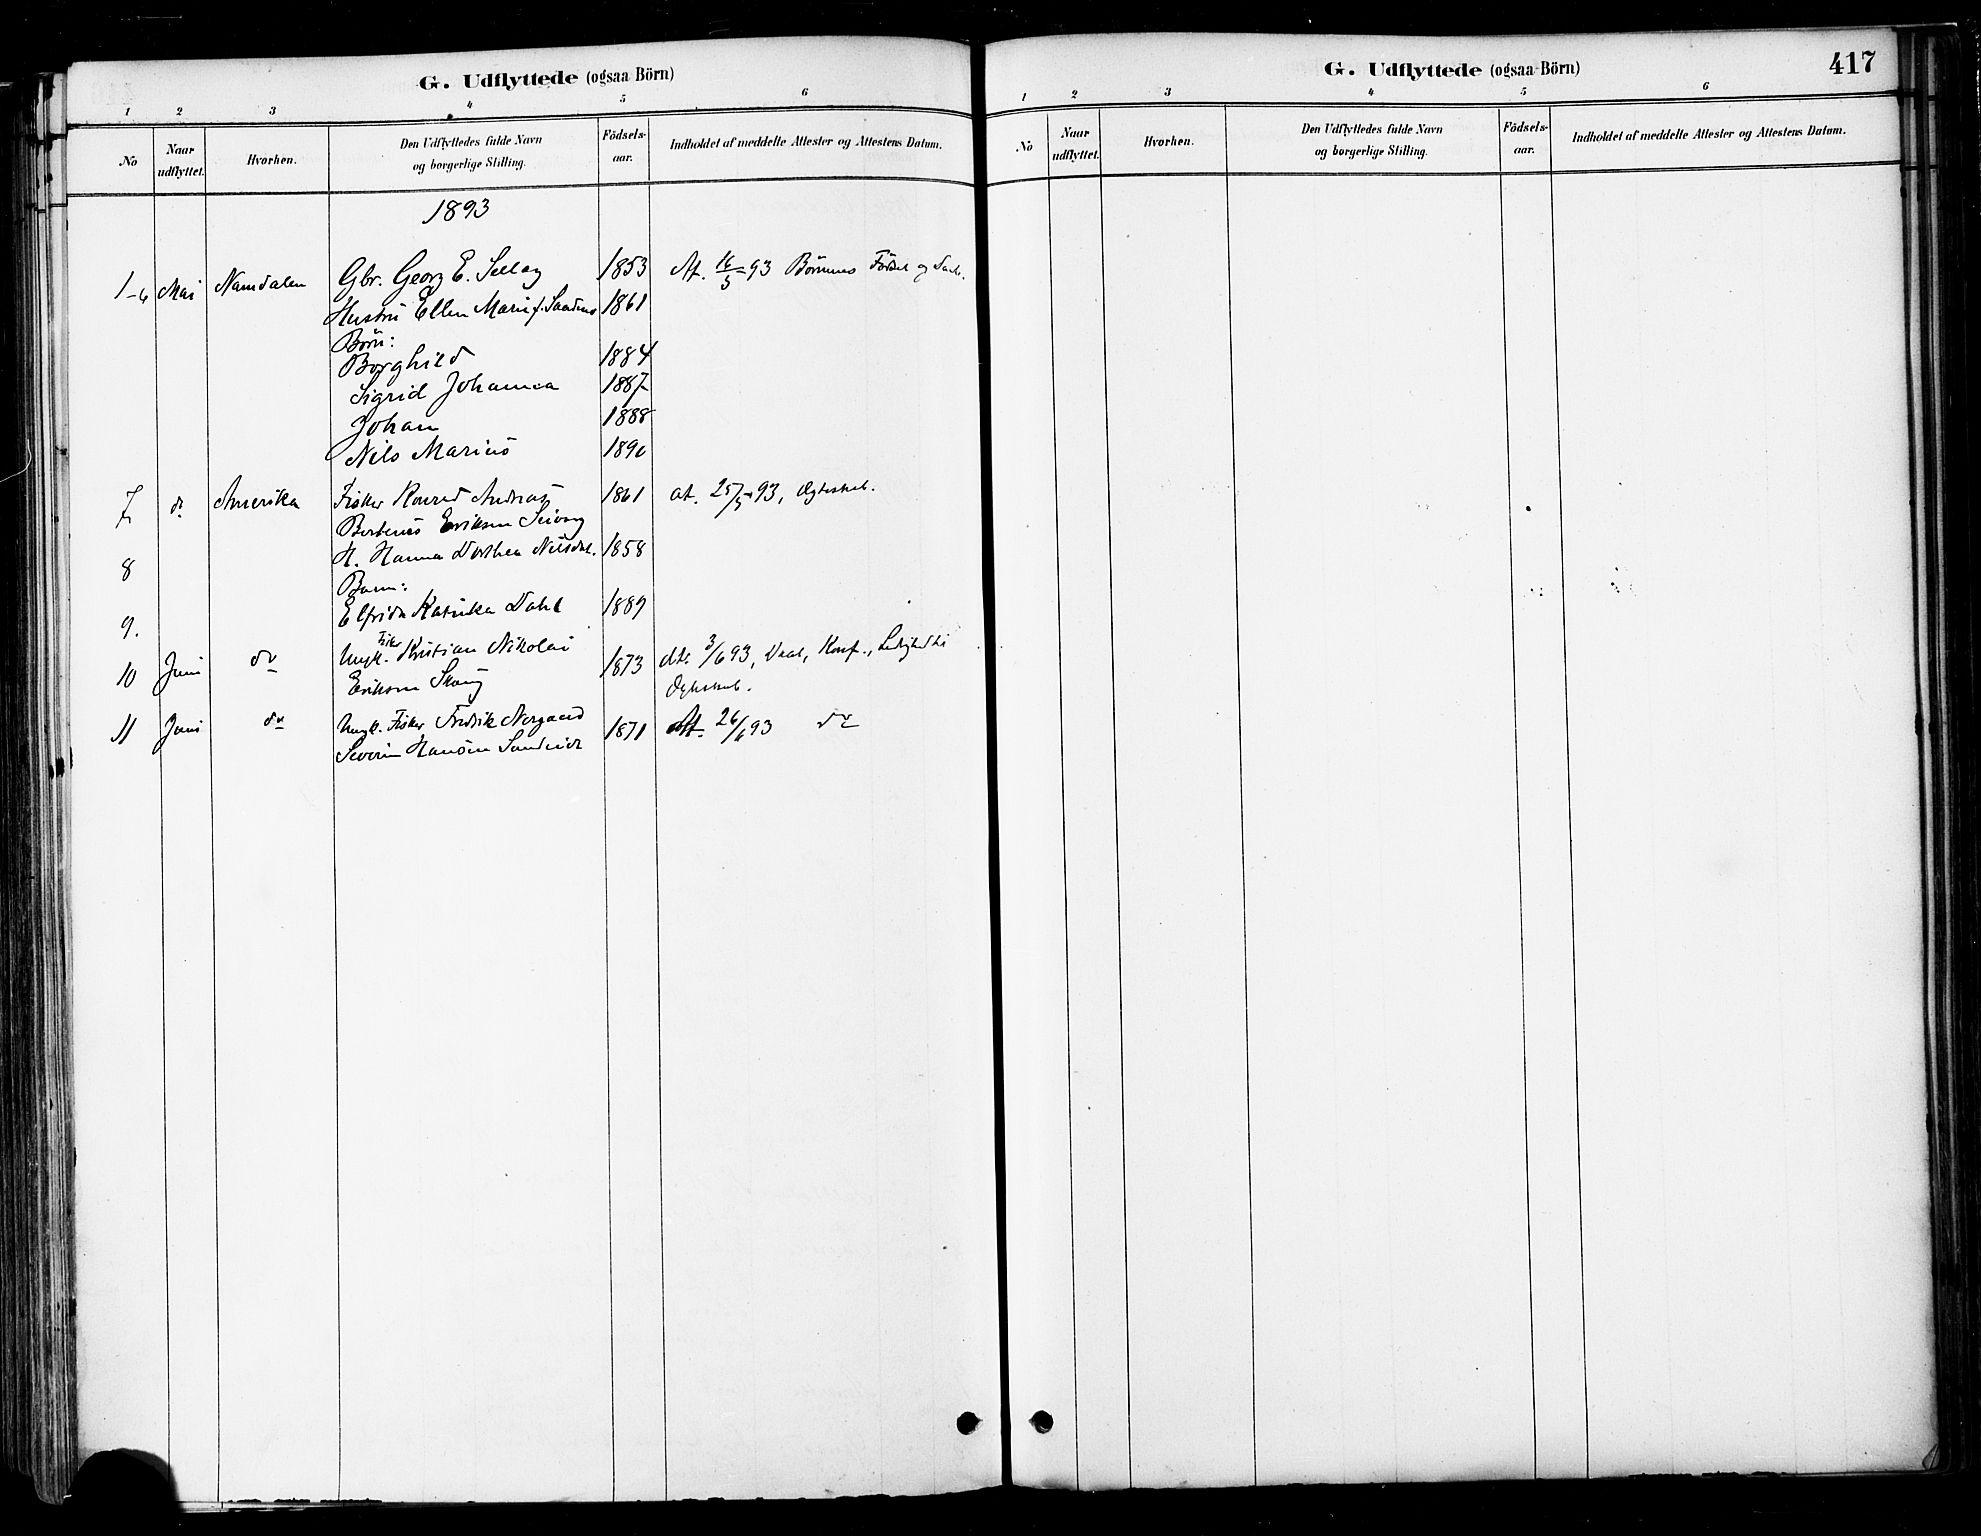 SAT, Ministerialprotokoller, klokkerbøker og fødselsregistre - Nordland, 802/L0054: Parish register (official) no. 802A01, 1879-1893, p. 417